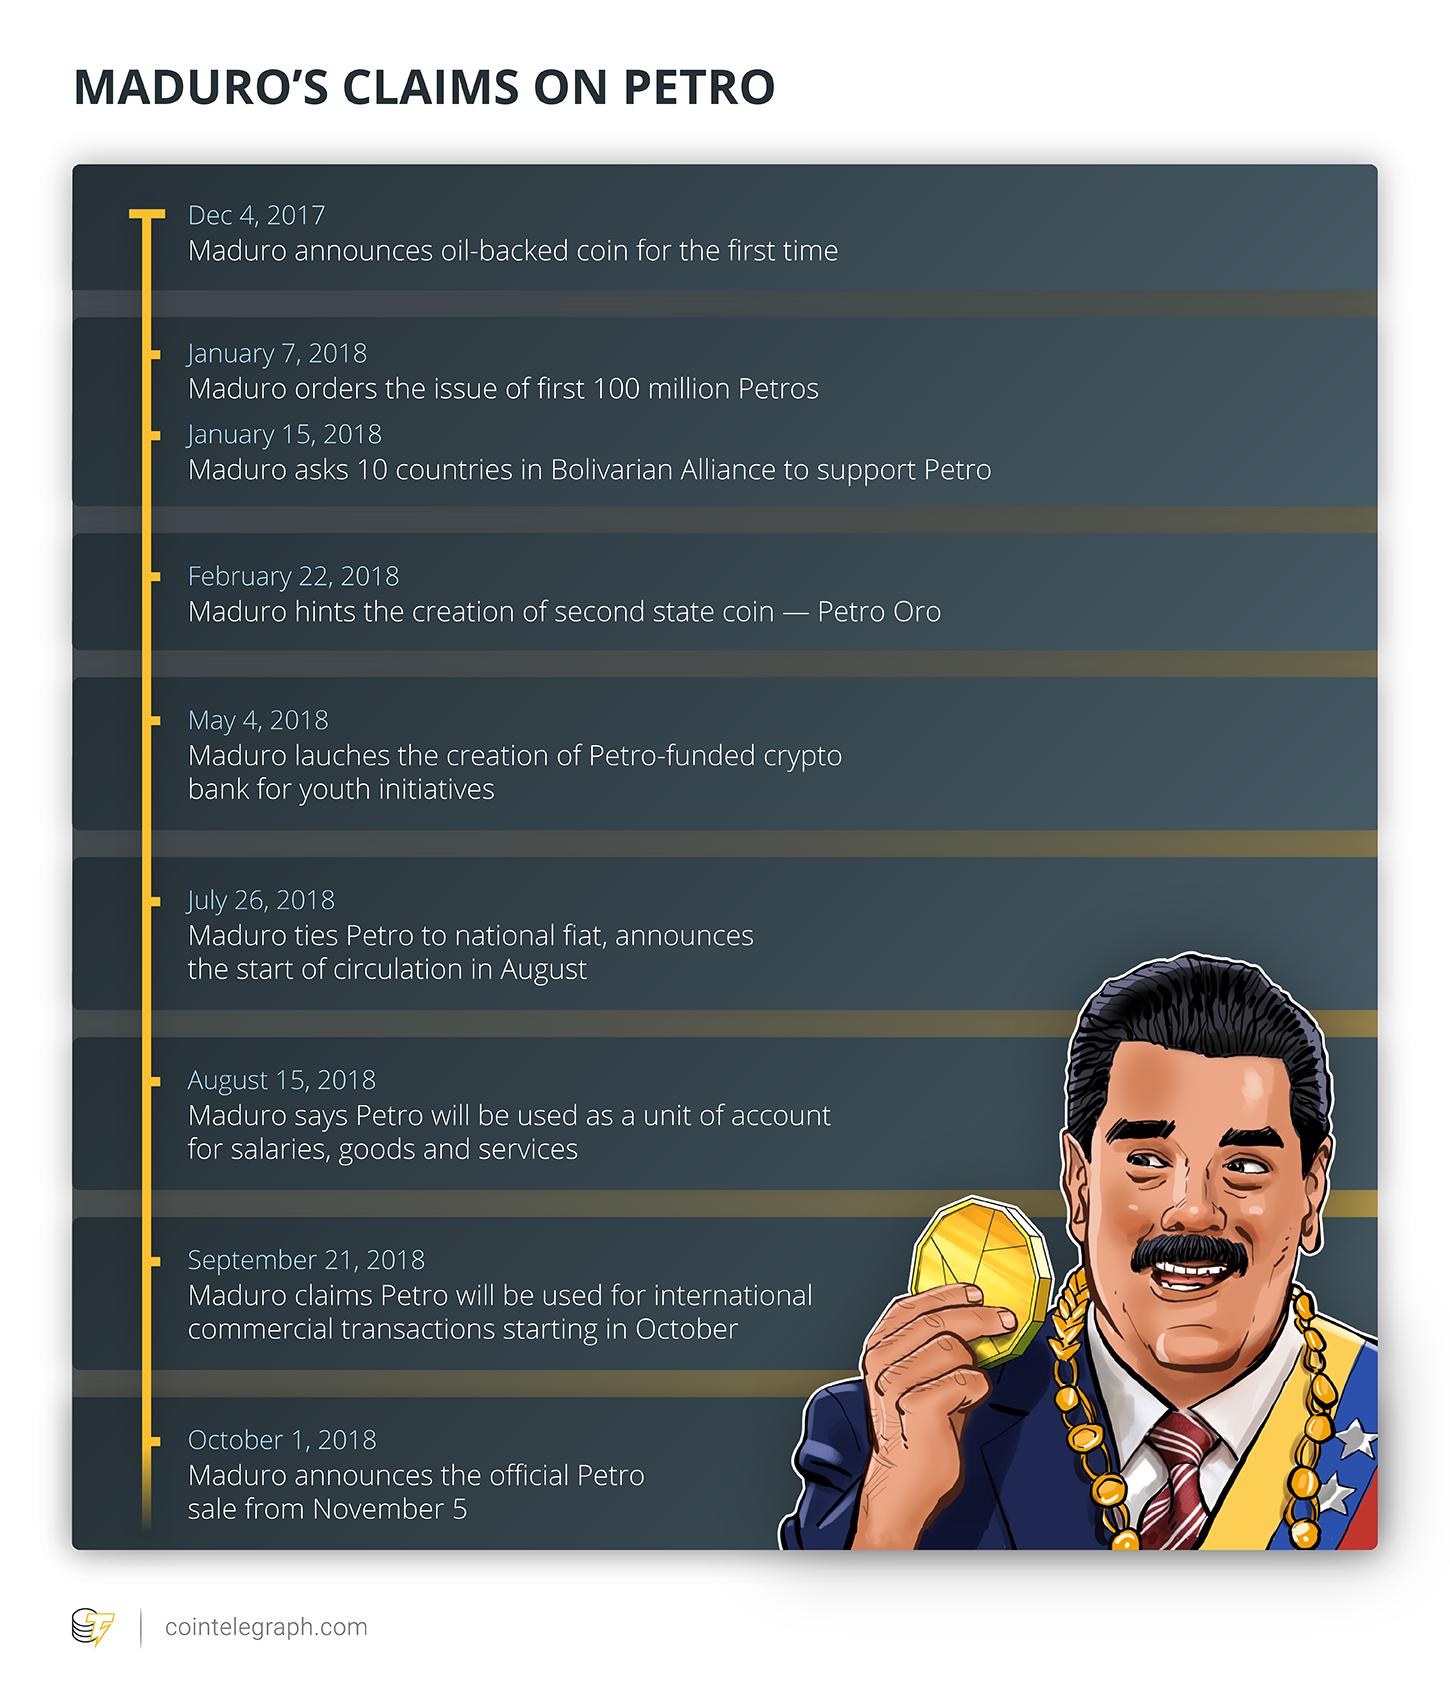 ニコラス・マドゥロ大統領のレポート